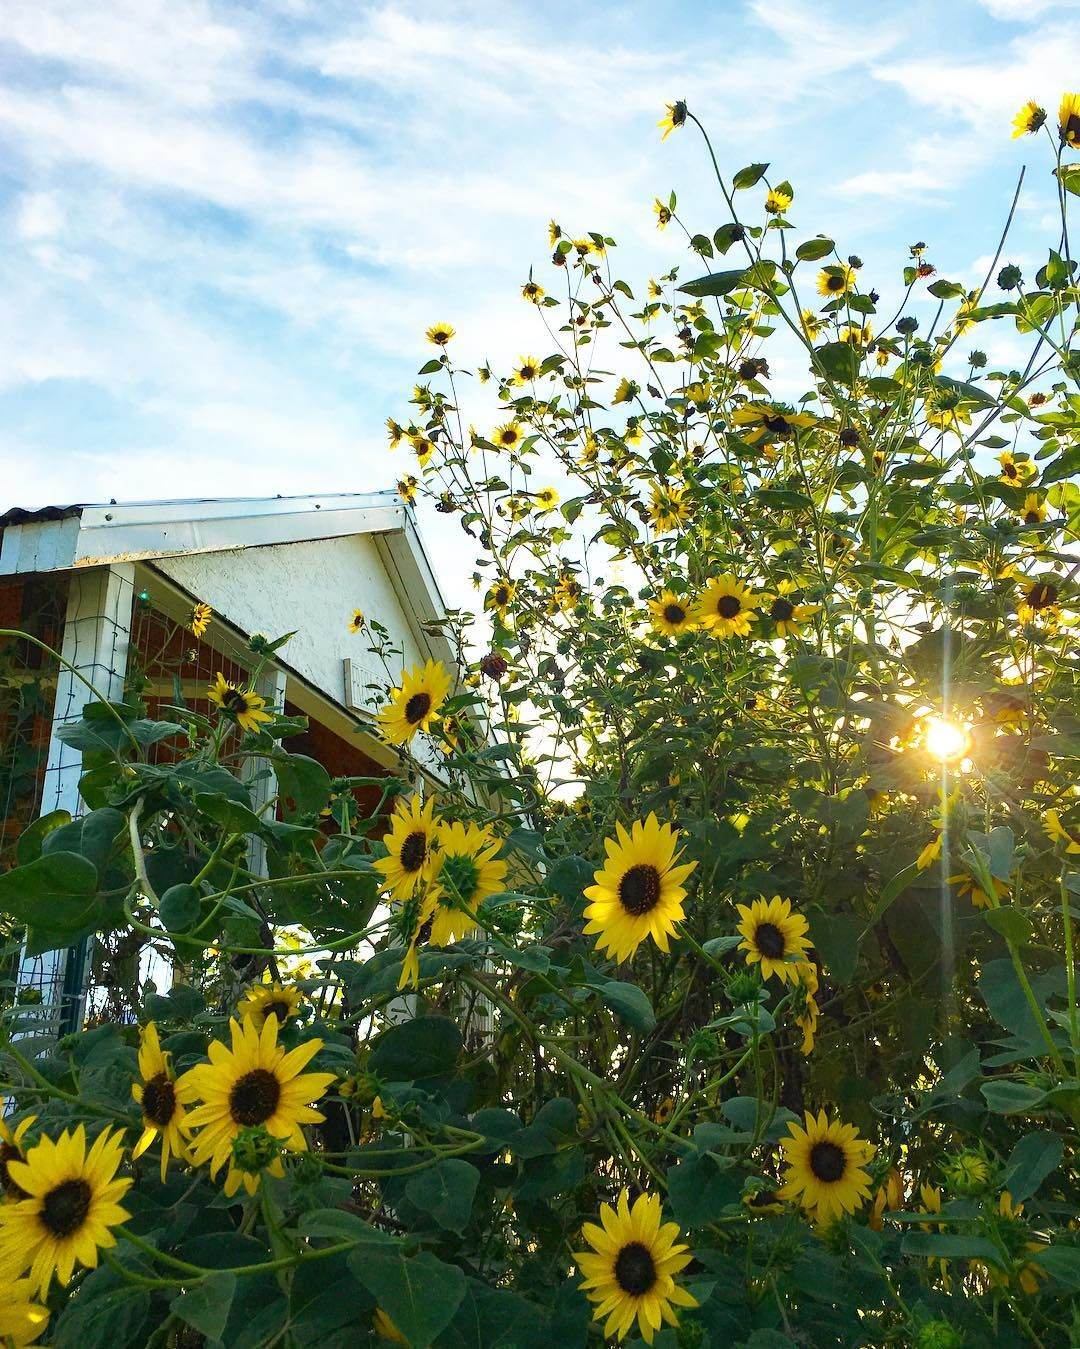 Sunflowers & blue skies🌻🌻🌻🌻🌻